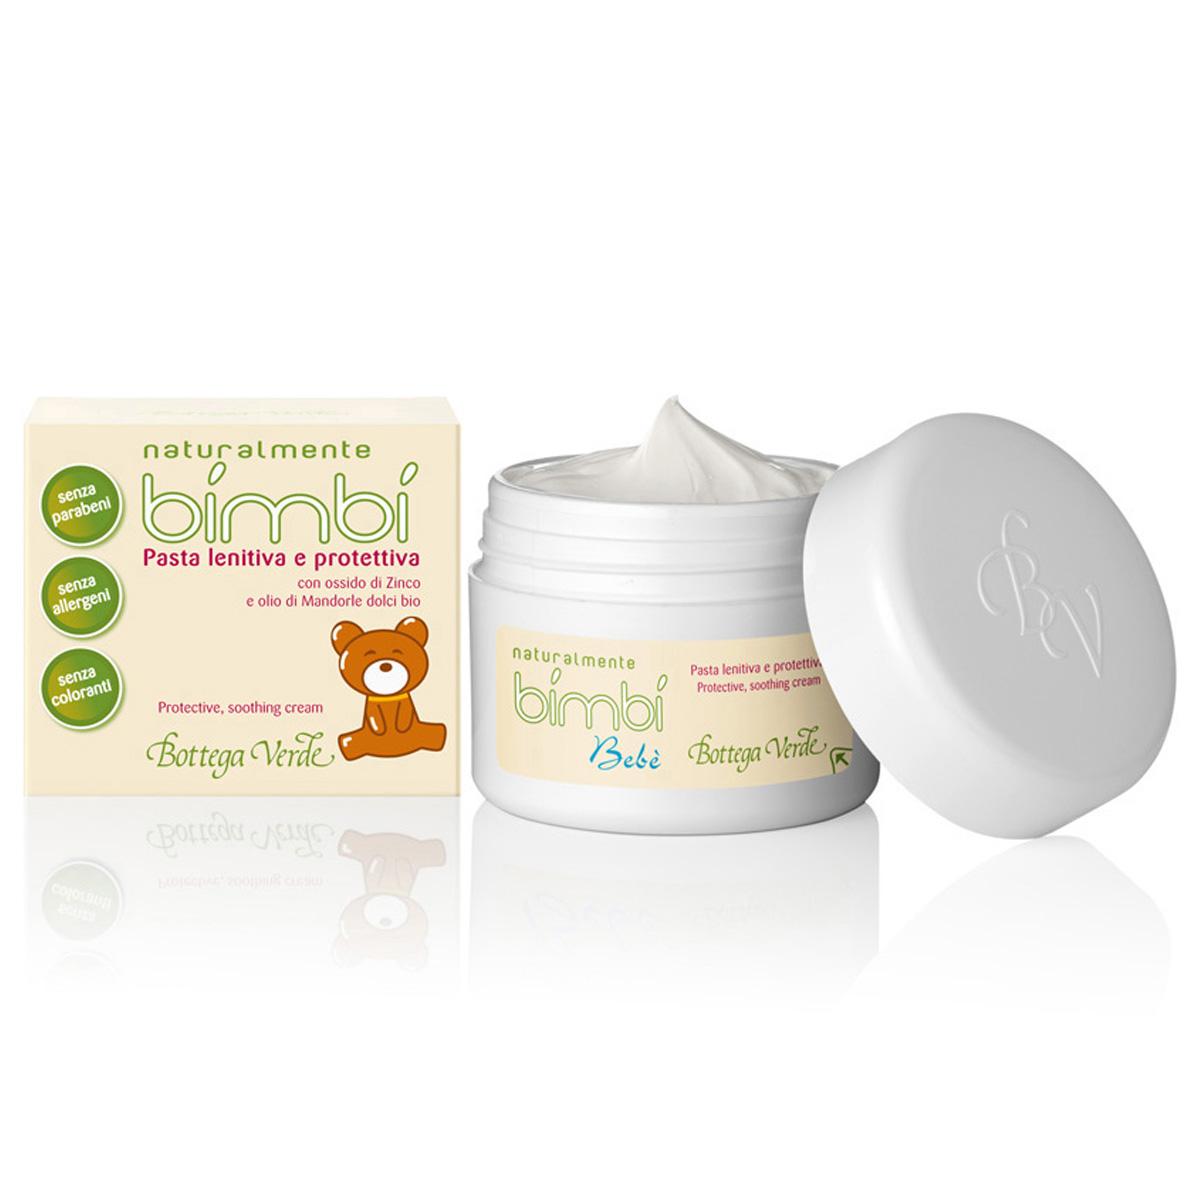 Copii - Crema Linistitoare Si De Protectie Cu Extract De Zinc Si Ulei Organic De Migdale Dulci